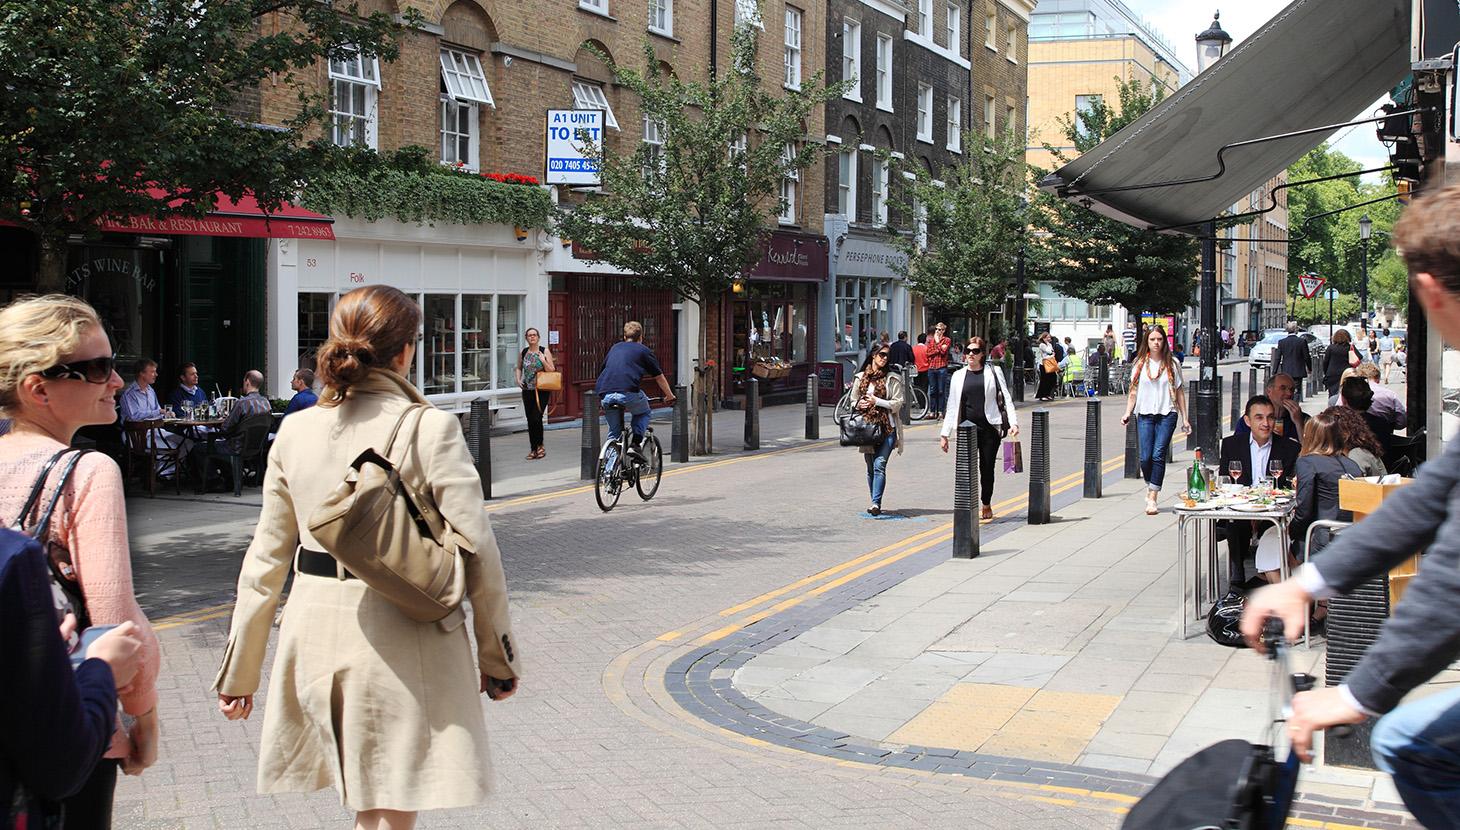 Lambs Conduit Street streetscene-1460